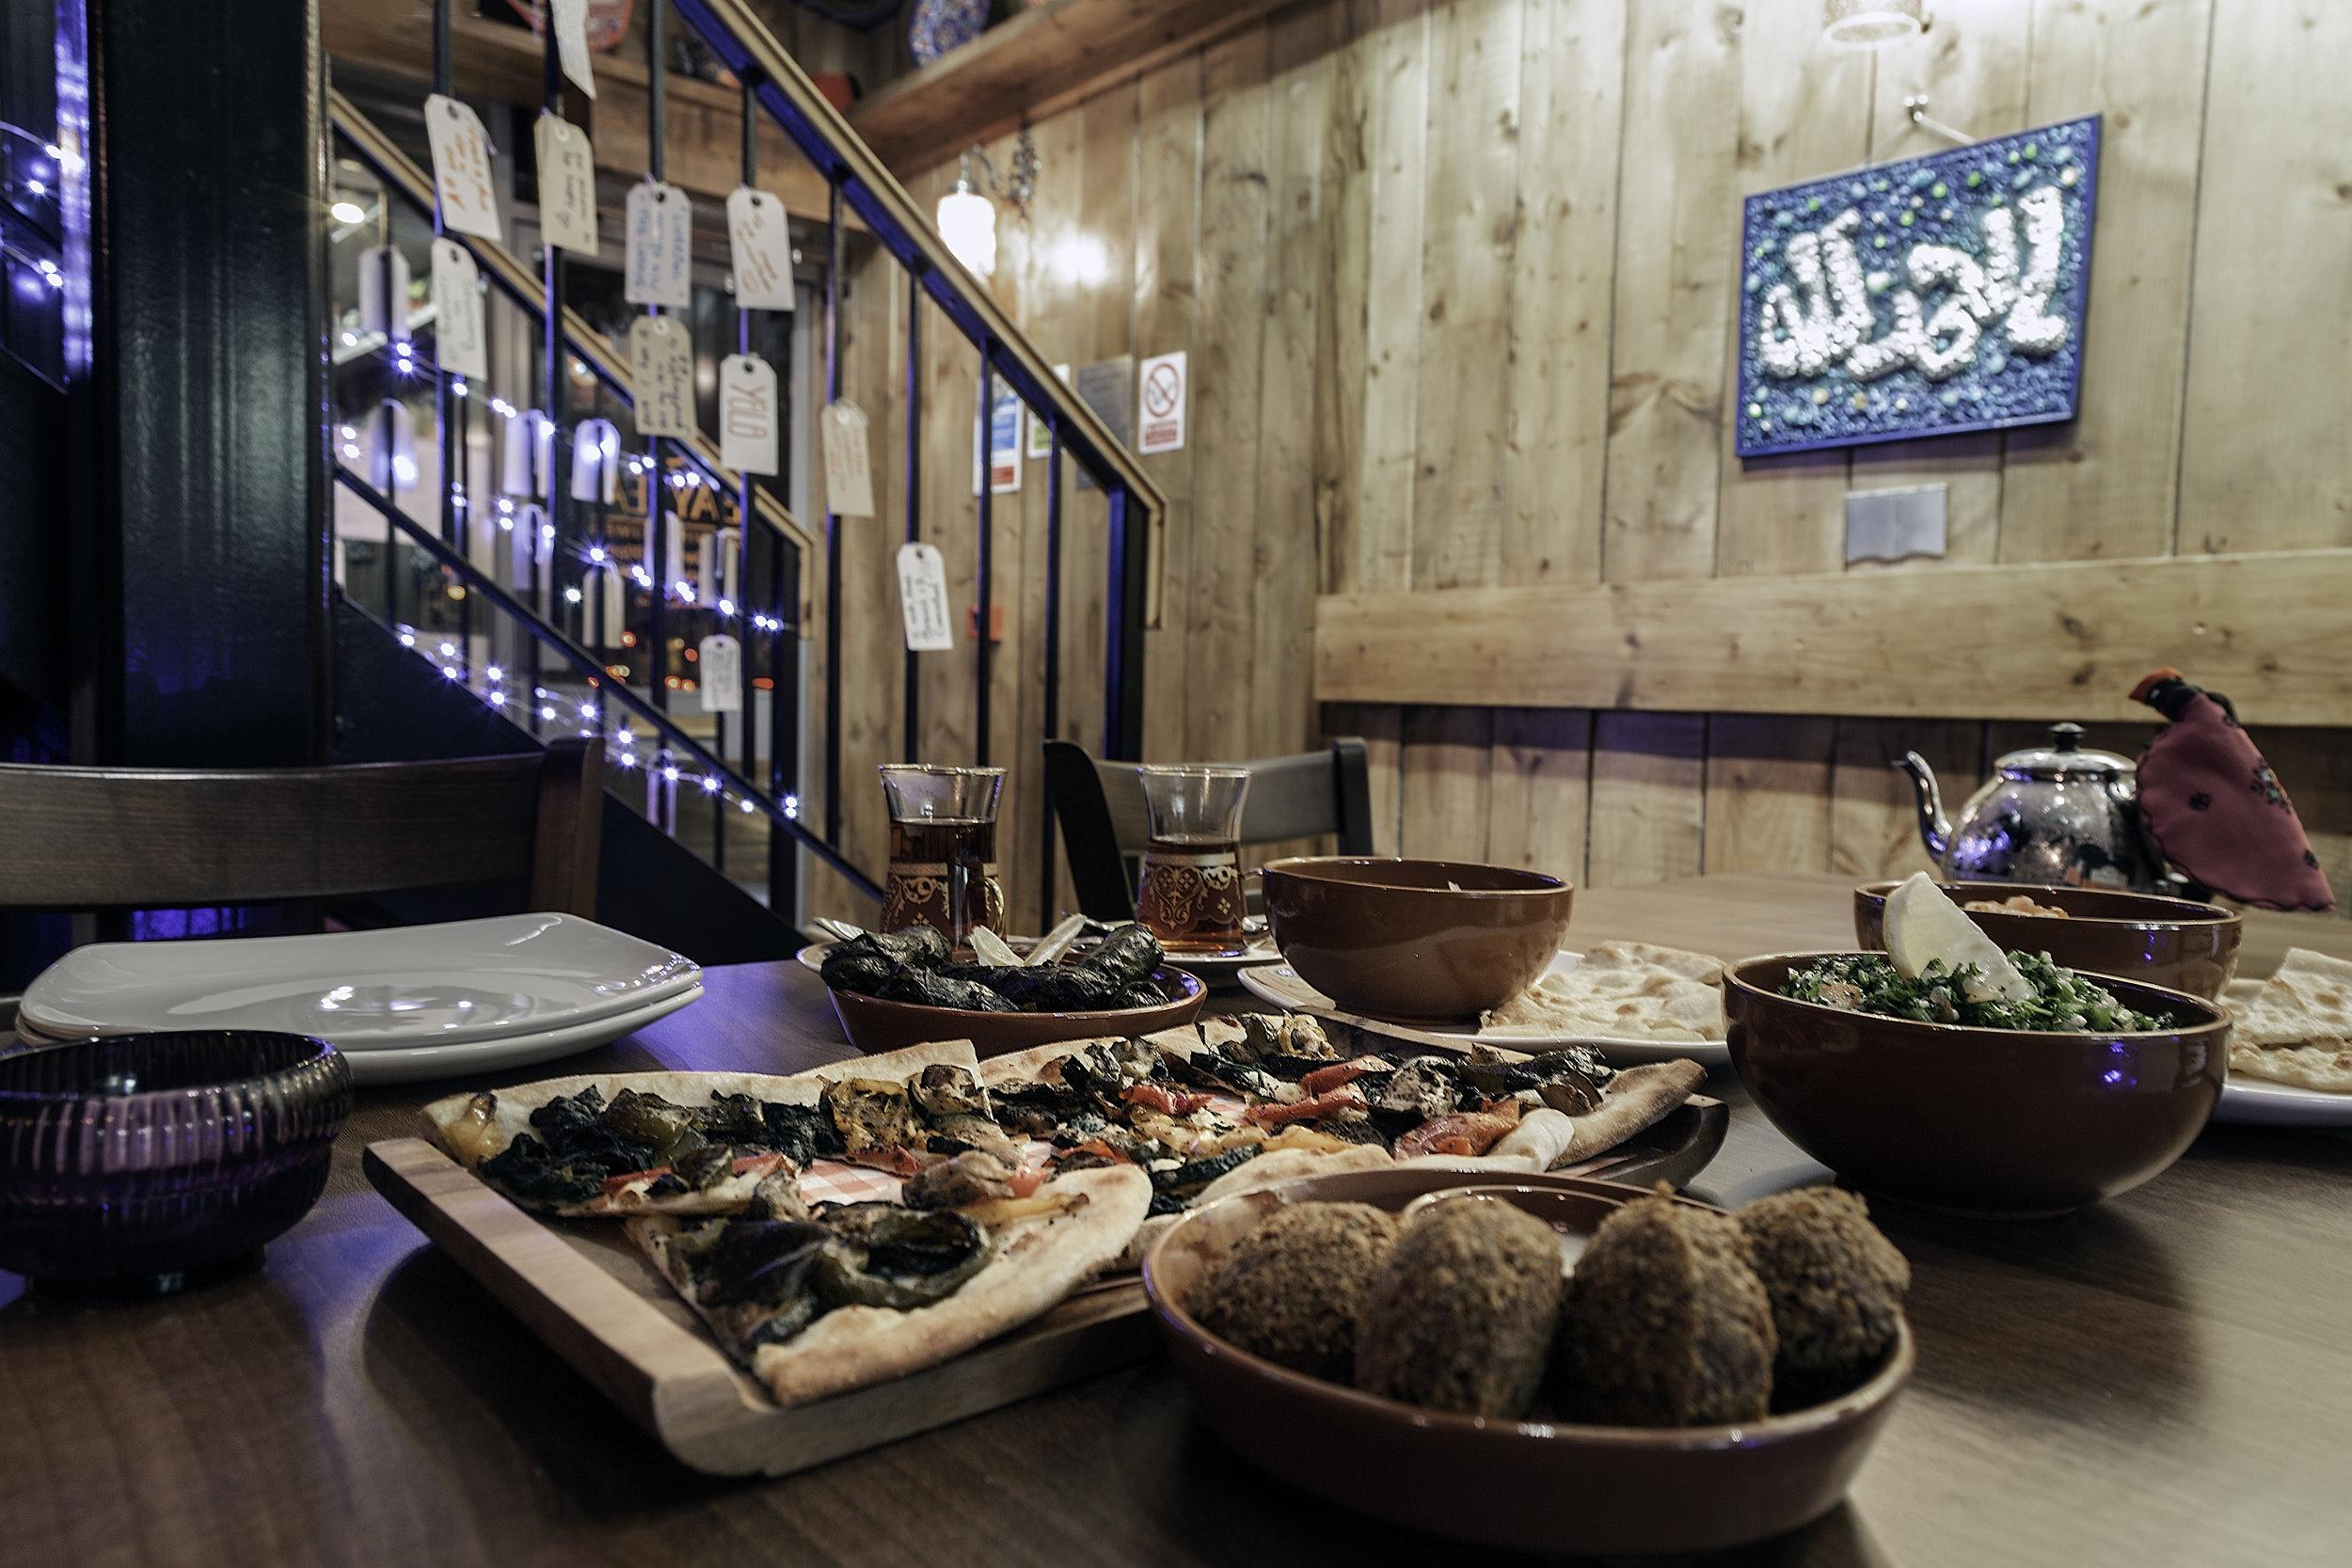 Vegan menu at Baytea, Chester